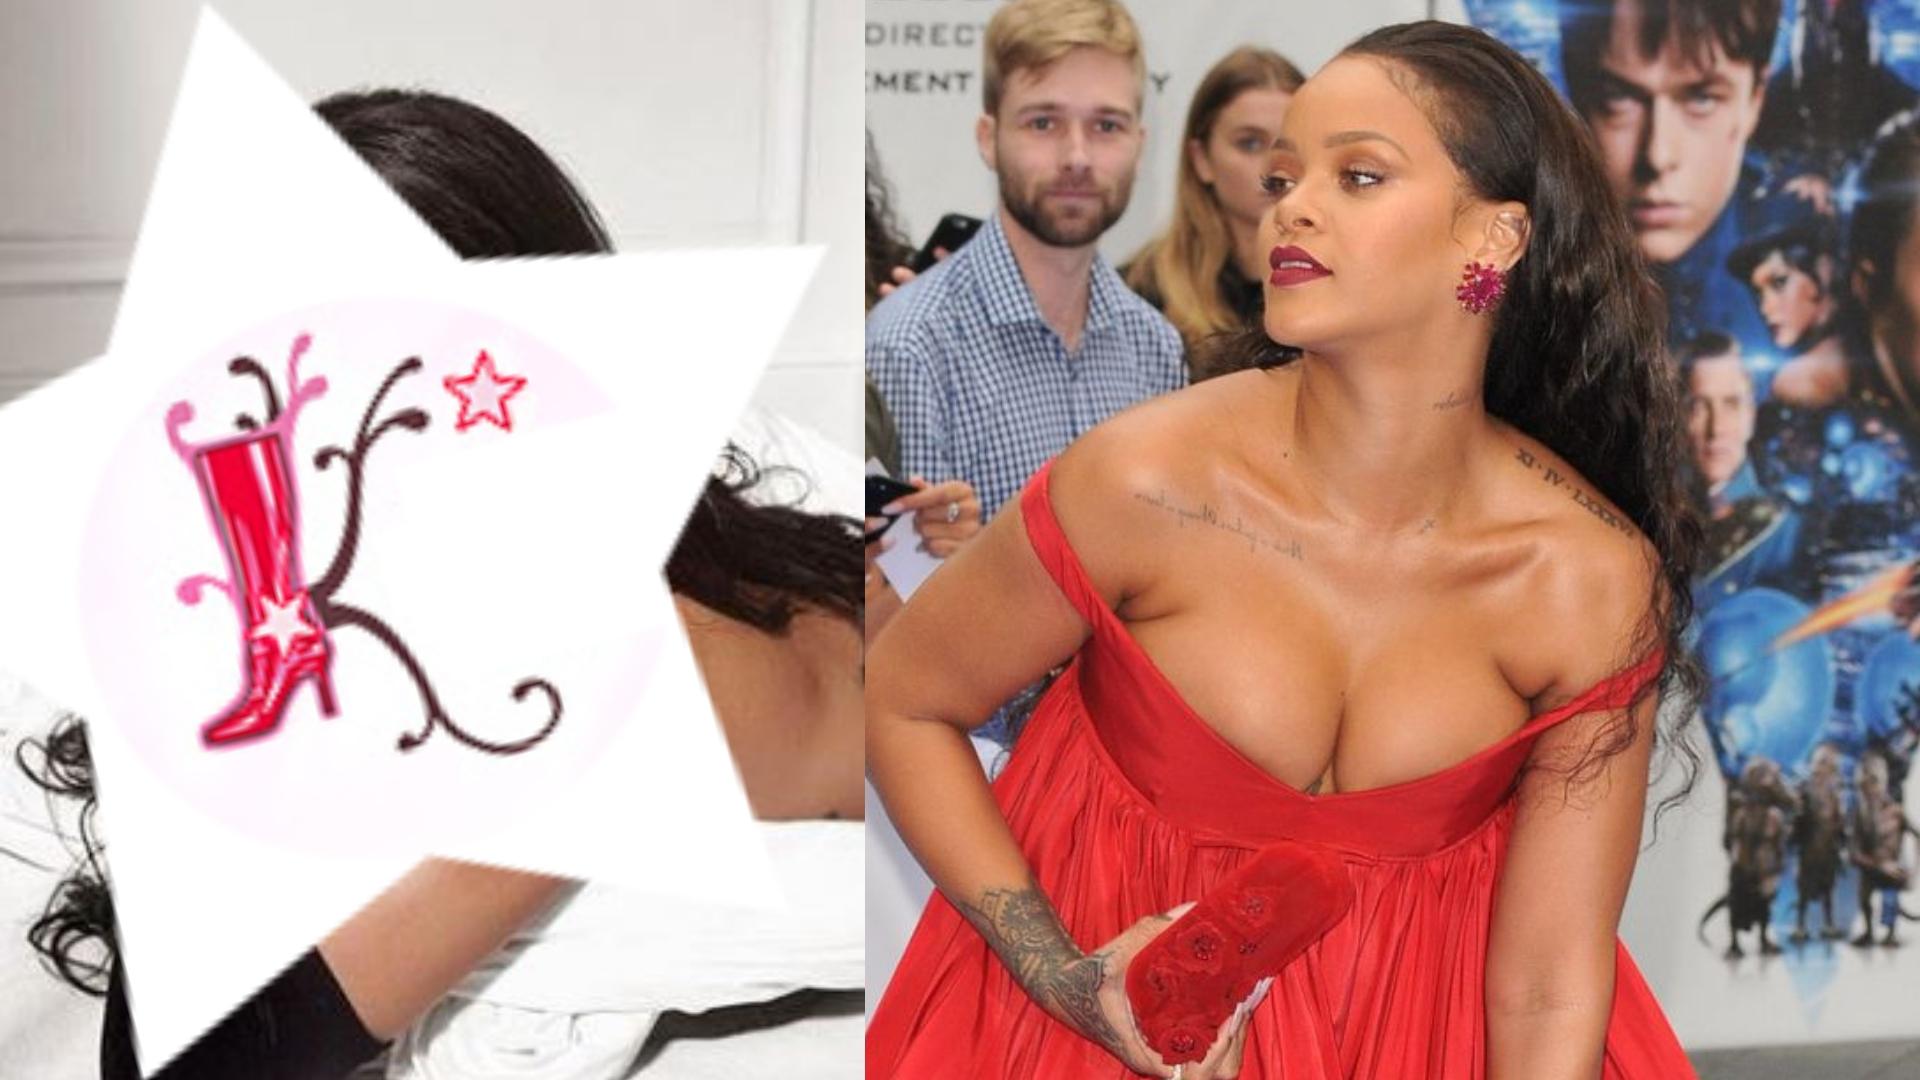 Gorące zdjęcie Rihanny podbija sieć. Gwiazda jest TOPLESS